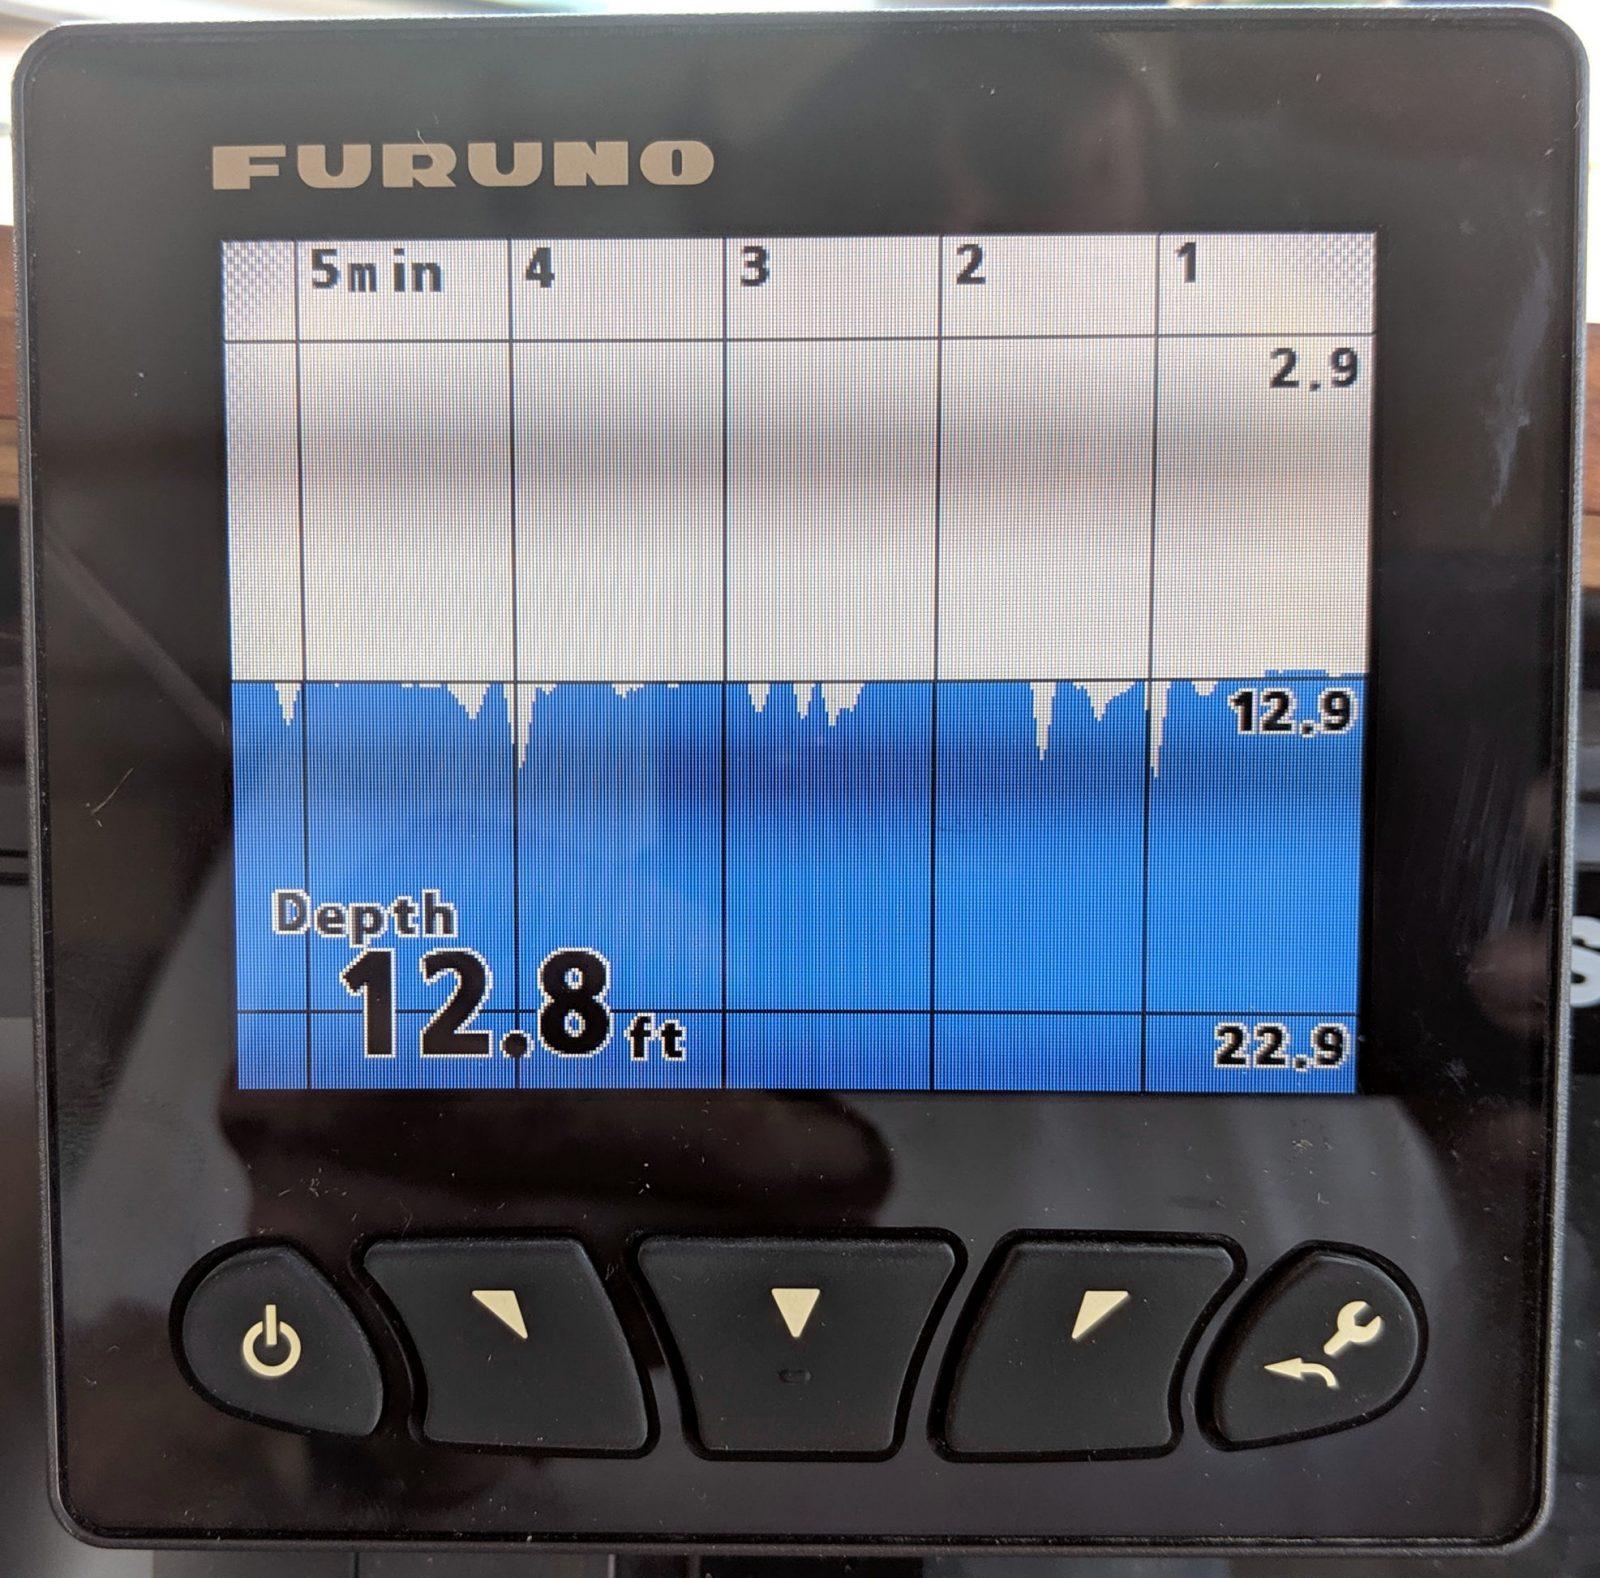 Furuno FI70 Depth graph set to center on 20-foot range